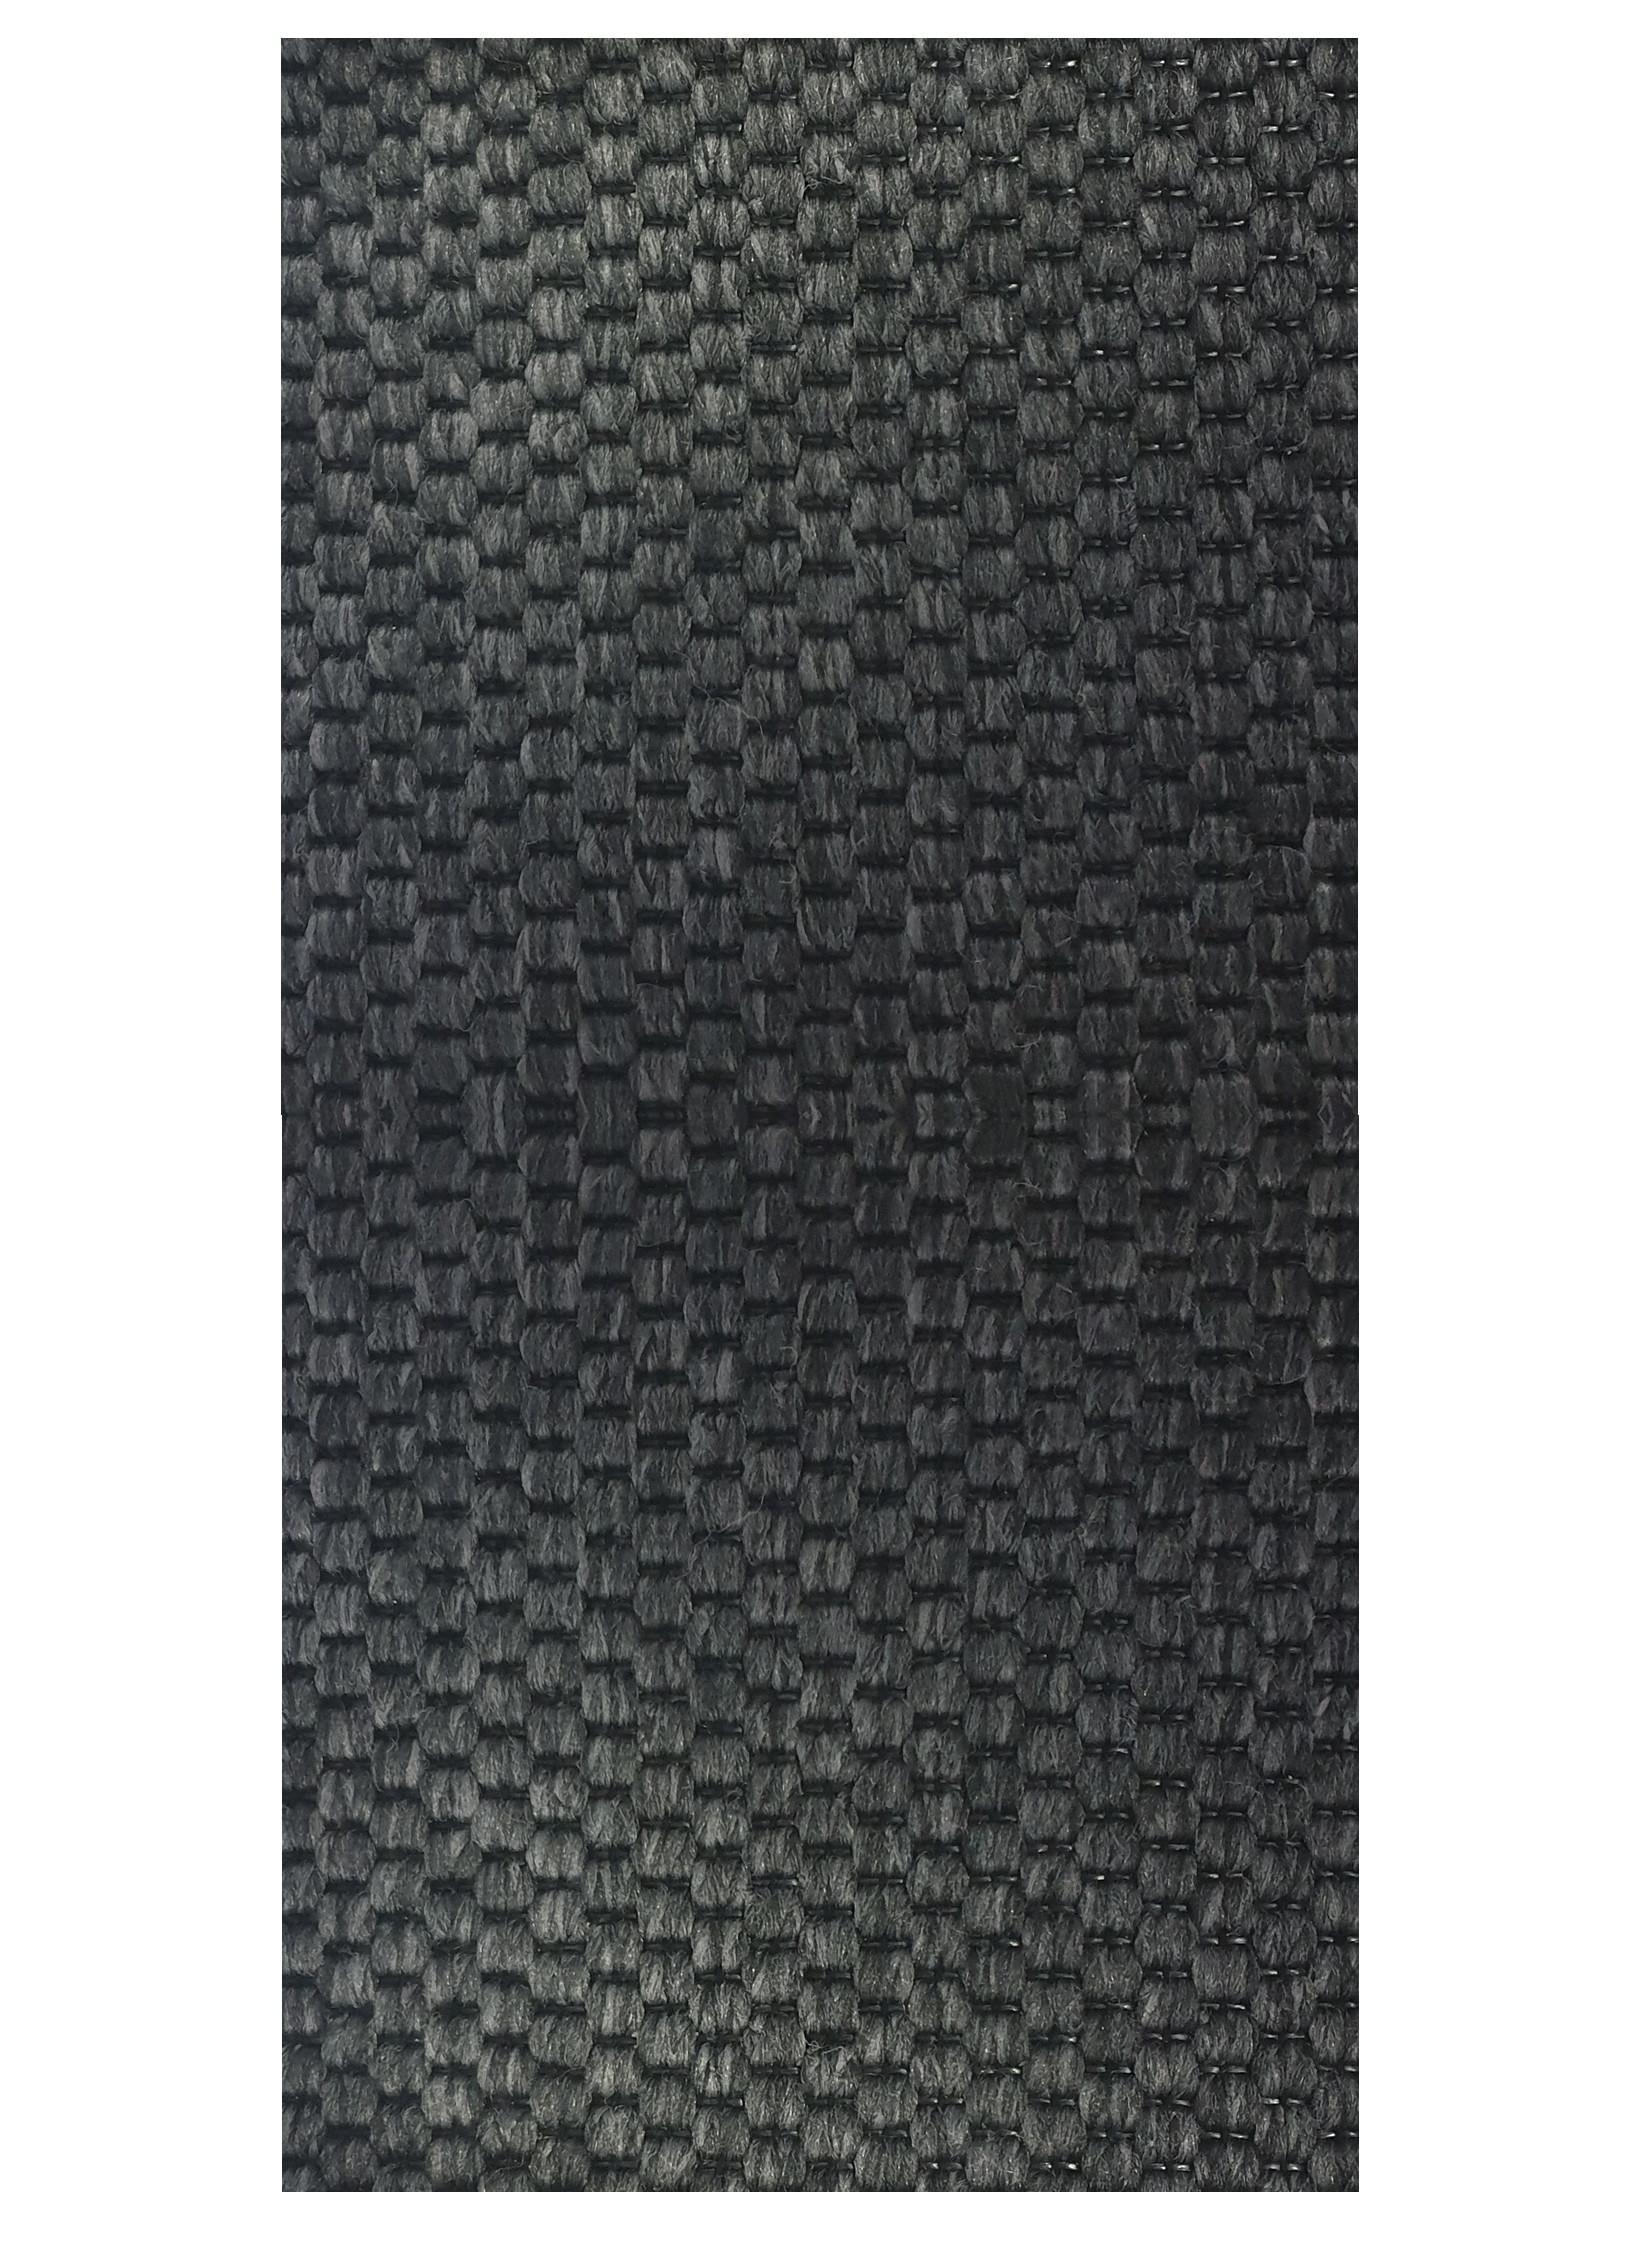 Vopi koberce Běhoun na míru Nature antracit - šíře 120 cm s obšitím